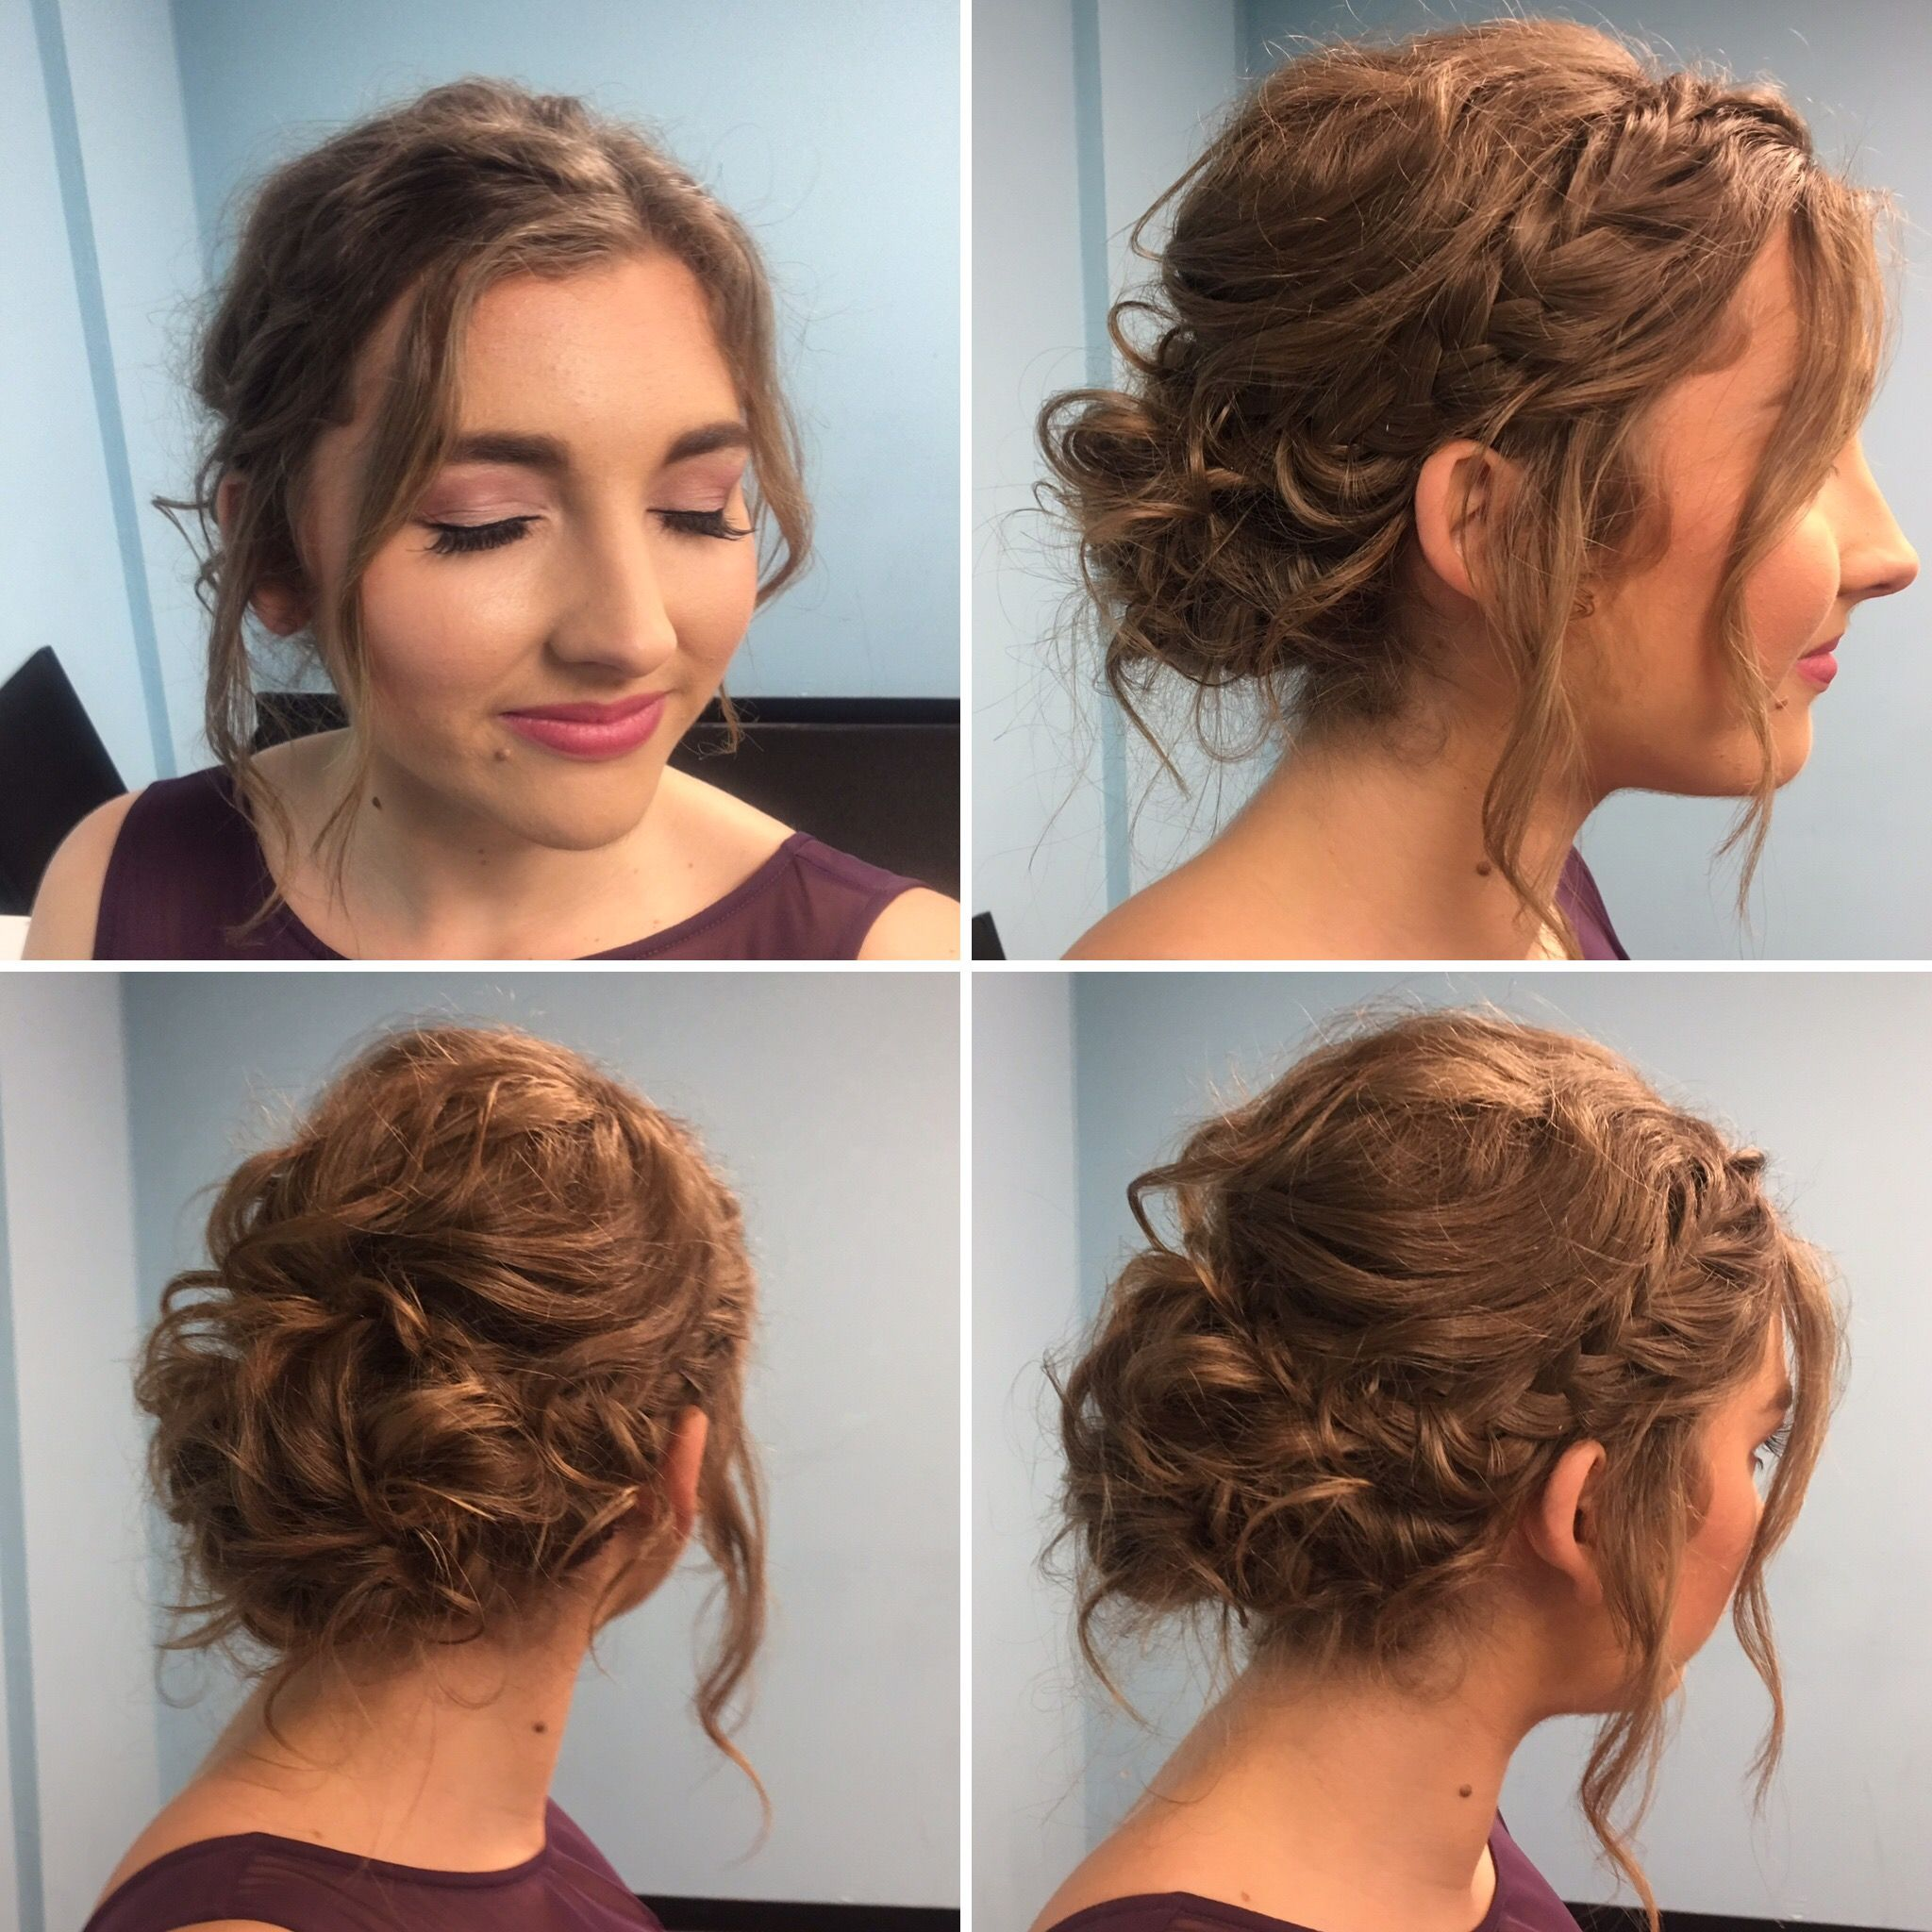 bridesmaid hair. short hair updo. bridesmaid makeup